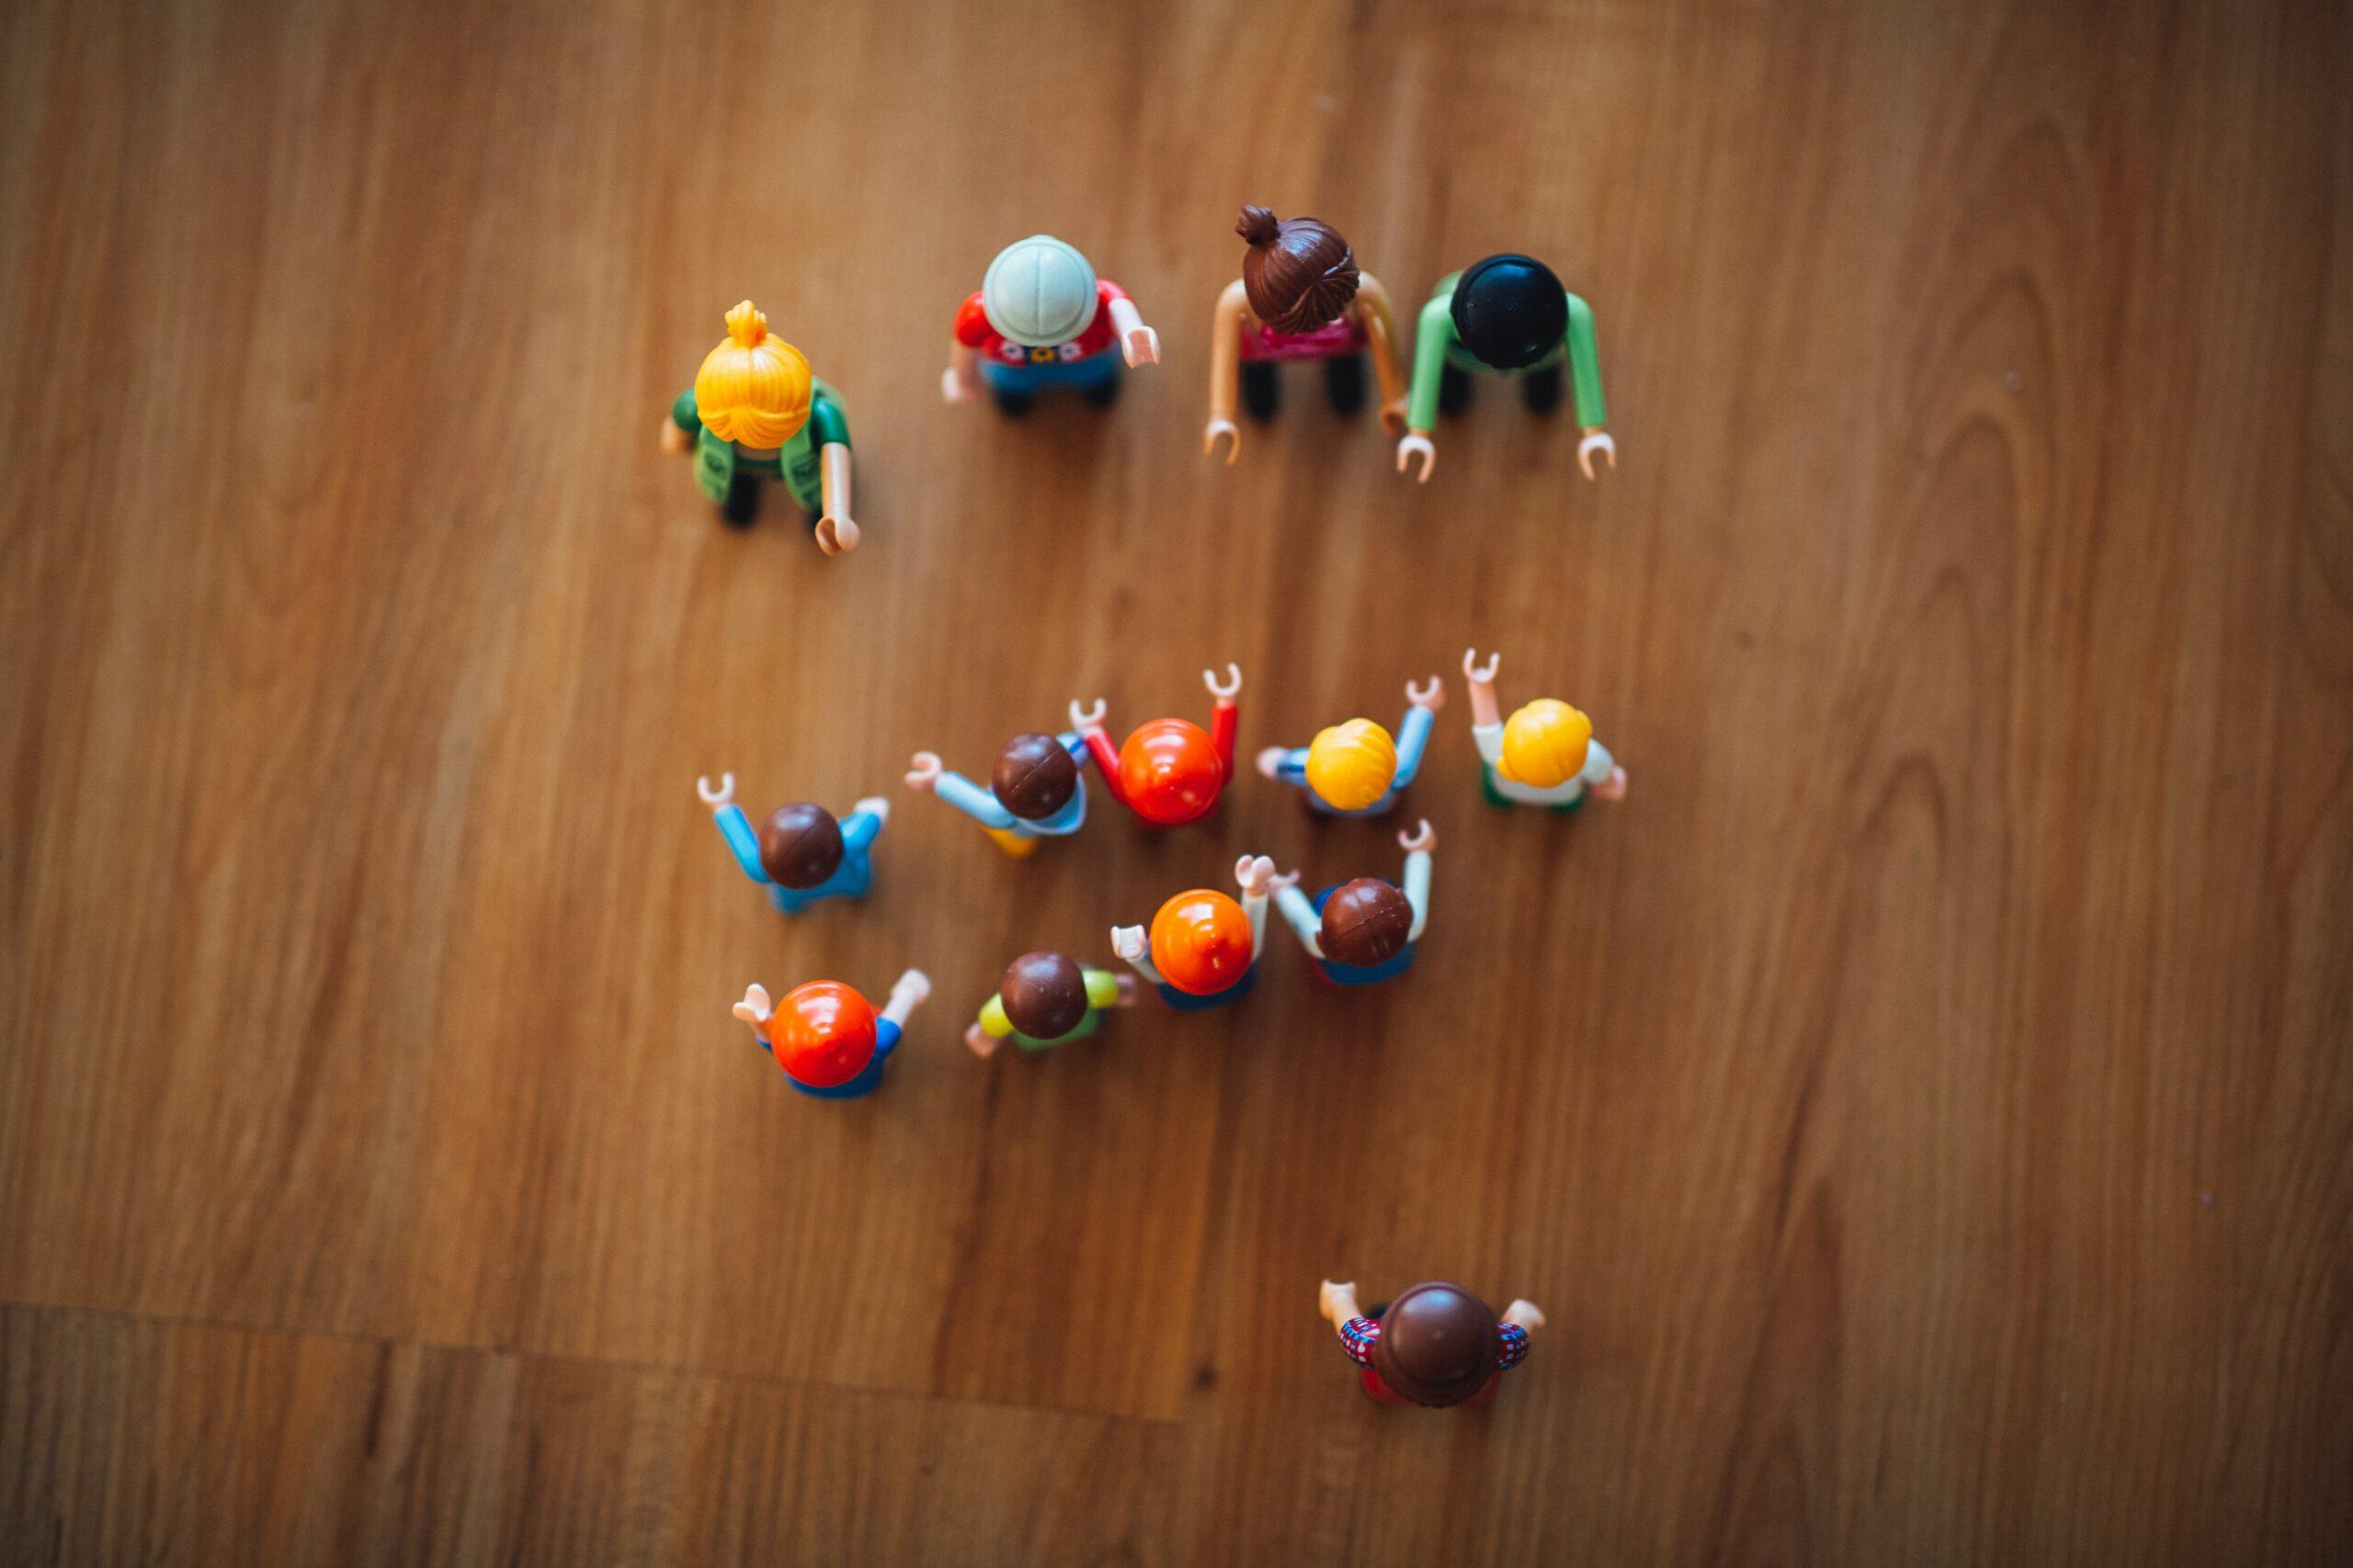 Miniature figures of people